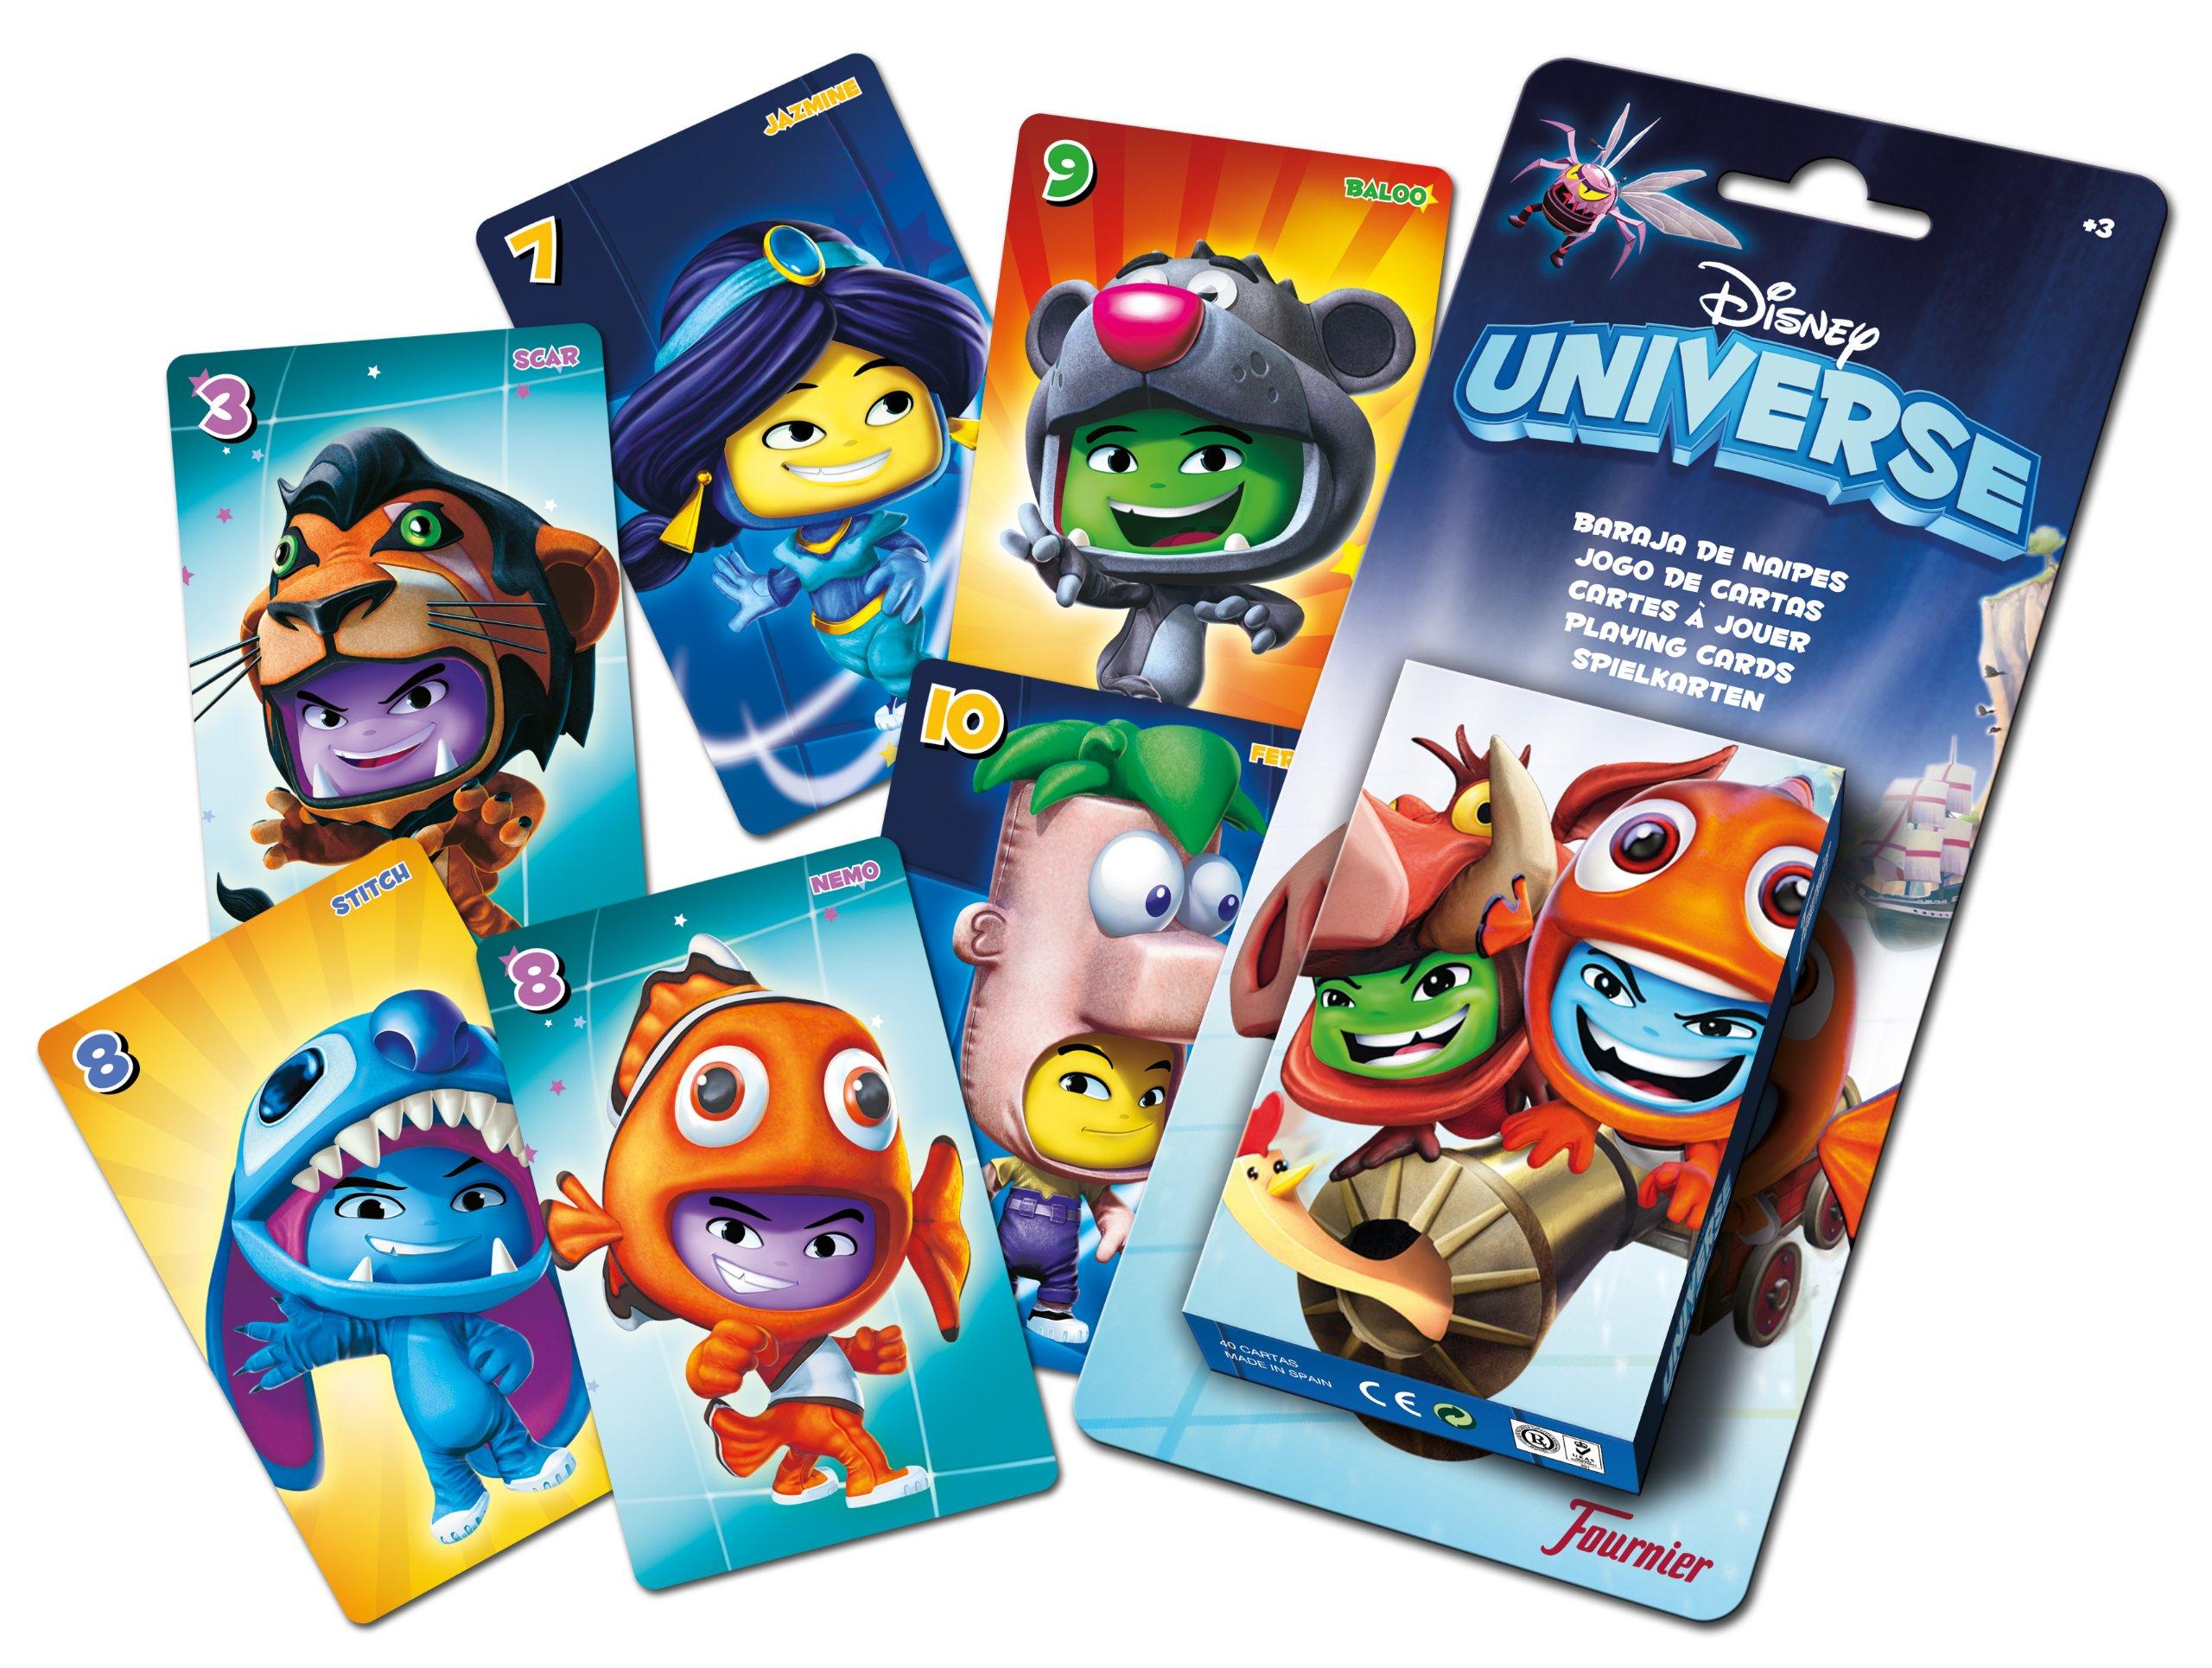 Fournier 43478 - Juego de Mesa Disney (43478) (Importado) - Cartas Disney Universe, Juguete Juego de Mesa A Partir de 6 años: Amazon.es: Juguetes y juegos